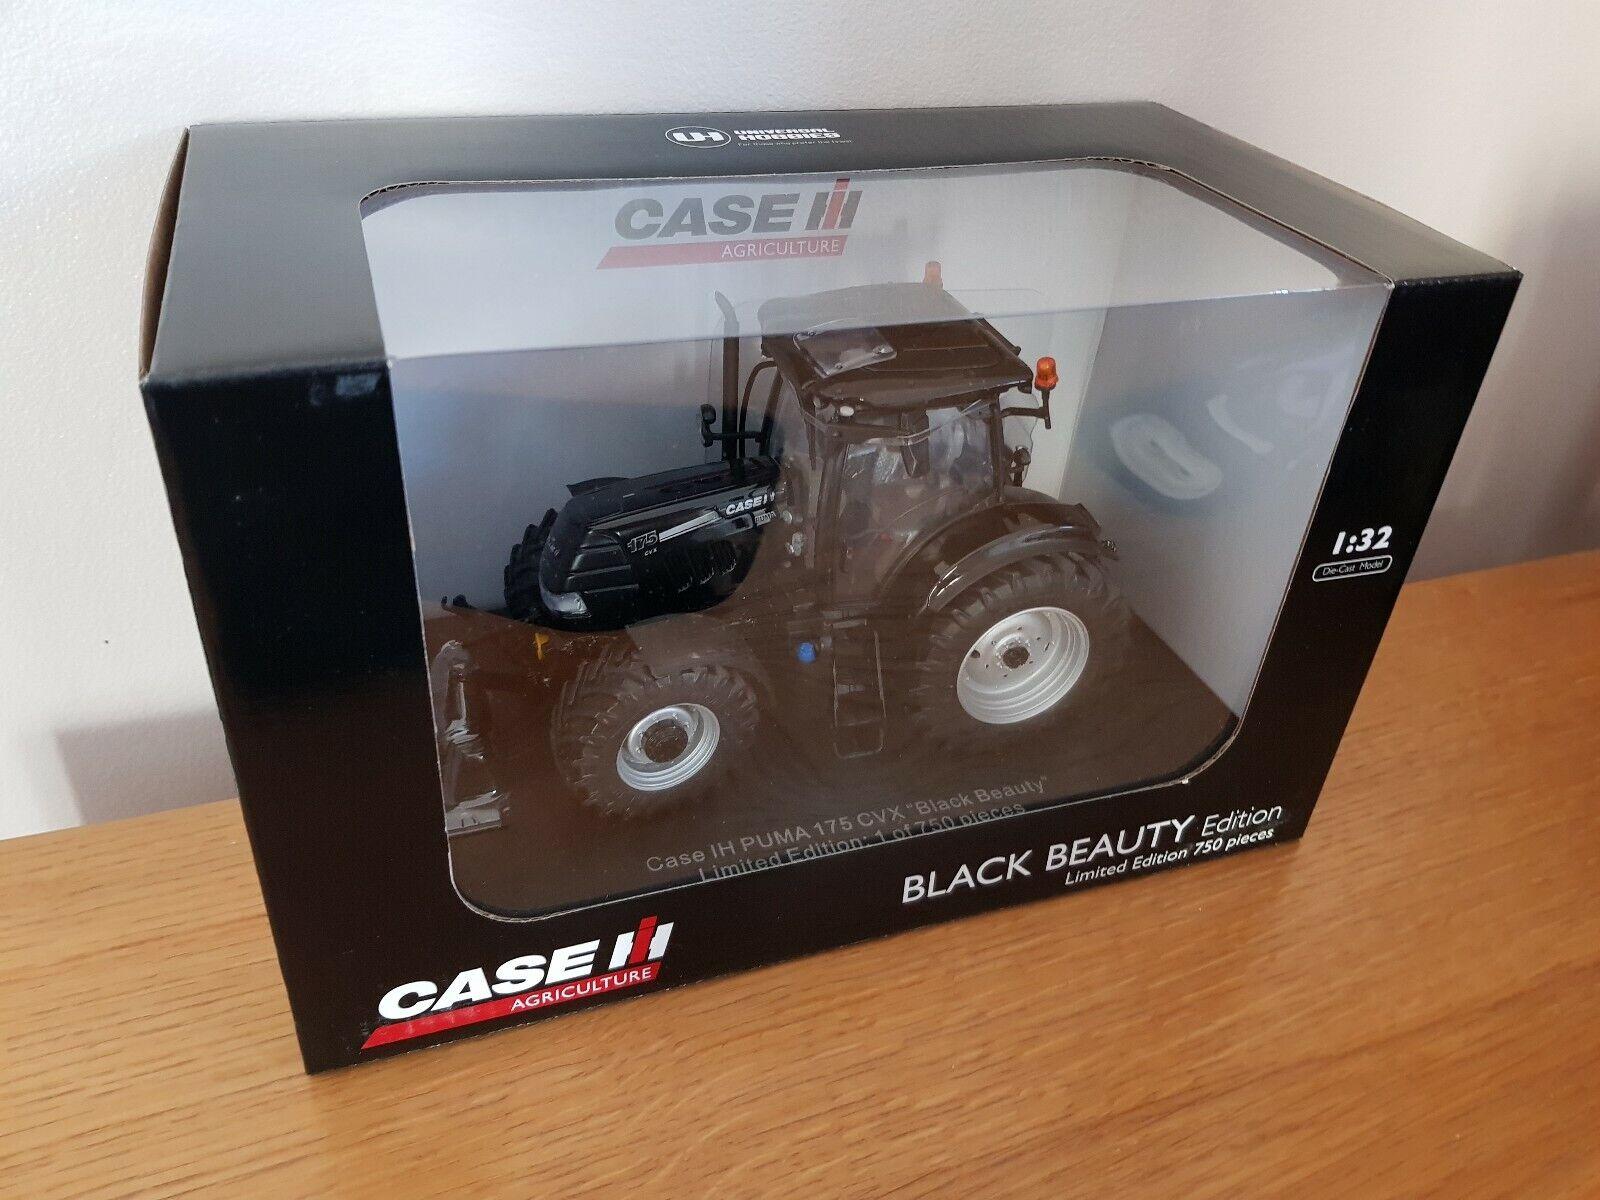 UH CASE IH Puma 175 CVX Tracteur édition limitée beauté noire échelle 1 32